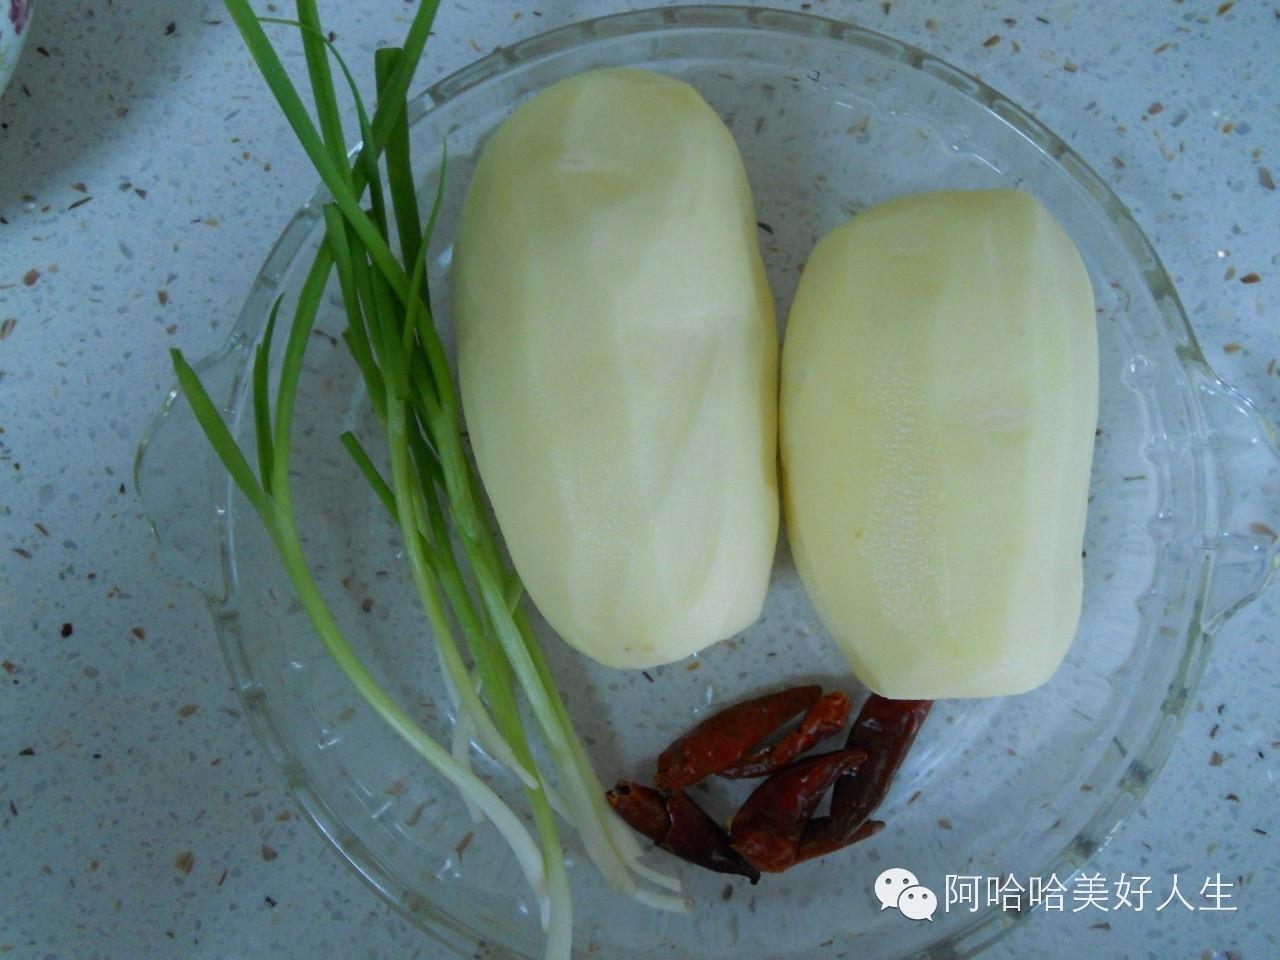 土豆去皮,洗净刨丝,把土豆丝泡到水里几分钟